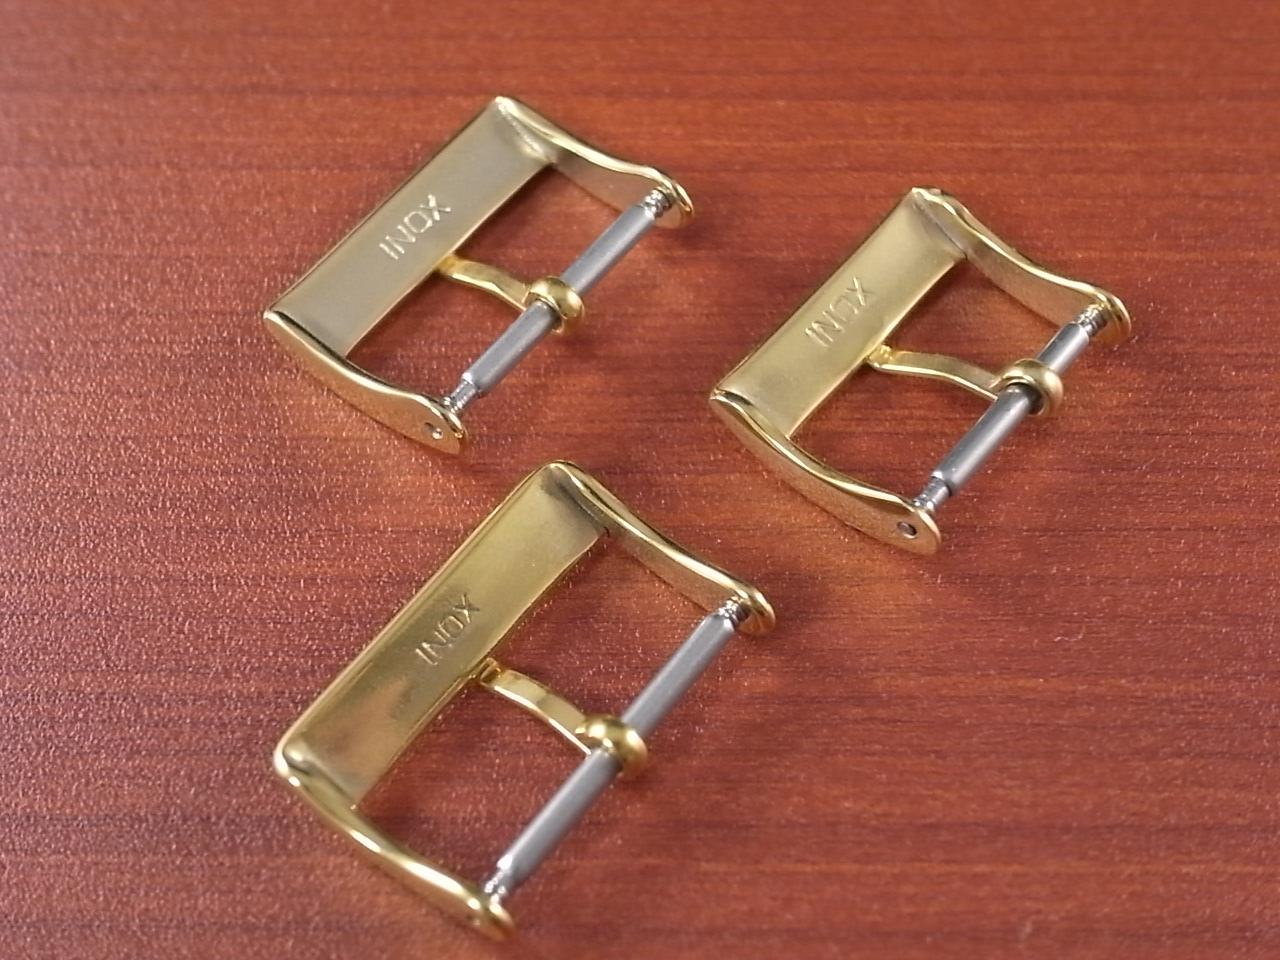 アンティーク尾錠 N.O.S. イエローゴールドメッキ(YGP) 18mm、20mmの写真2枚目